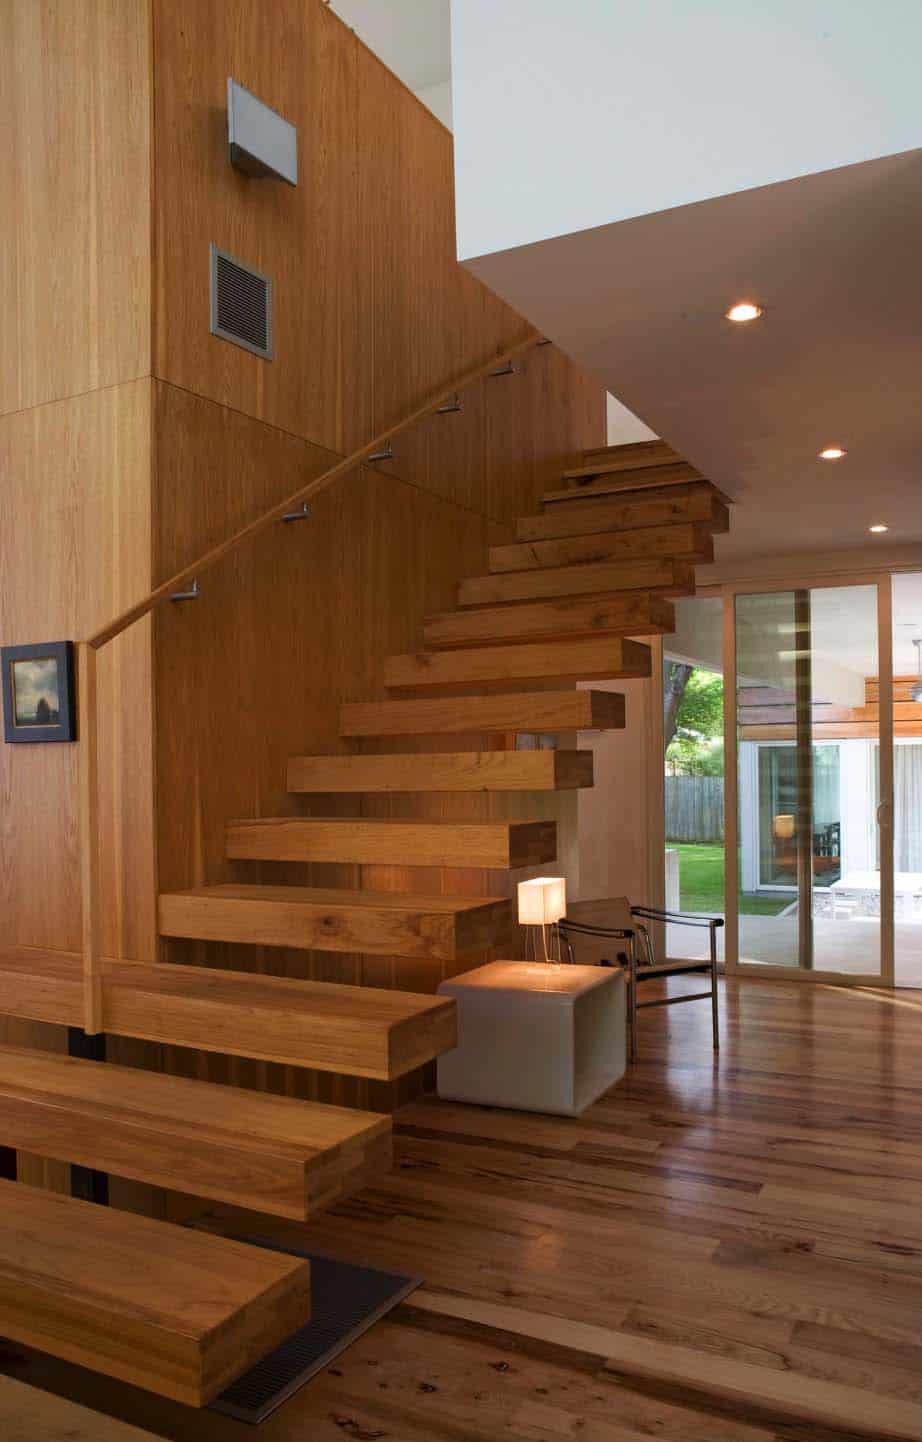 Modern Home Design-Webber Studio Architects-16-1 Kindesign